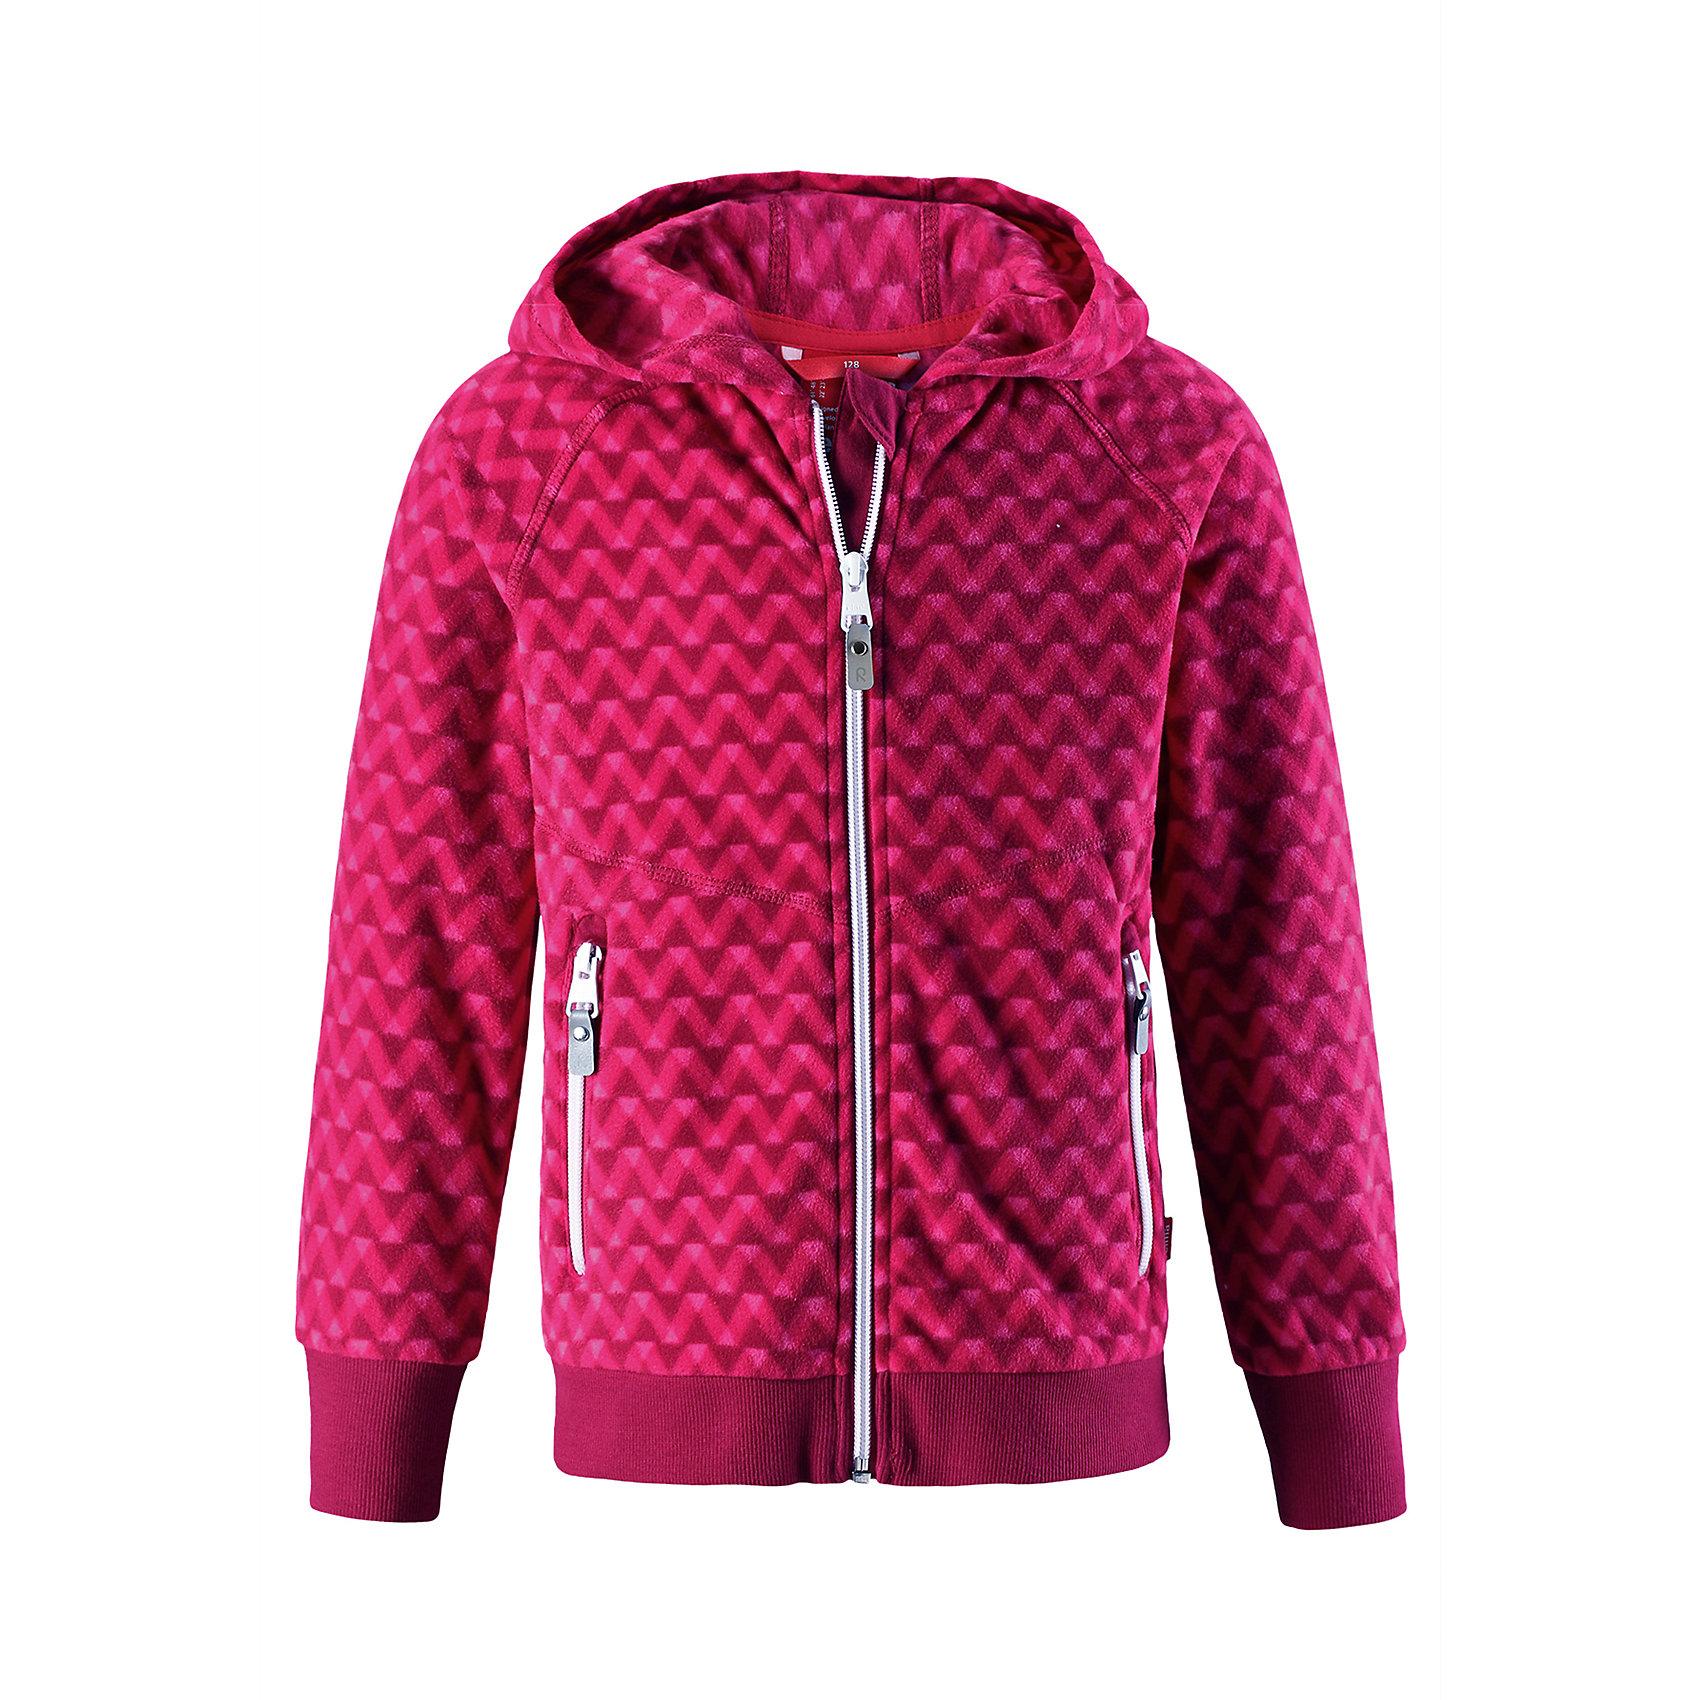 Свитер Myra Reima для девочкиТолстовки<br>Детская флисовая куртка на прохладный день. Можно использовать как верхнюю одежду в комплекте с жилеткой в теплую сухую погоду весной и осенью или поддевать в качестве промежуточного слоя в холода. Высококачественный полярный флис – это теплый, легкий и быстросохнущий материал, отводящий влагу с кожи. Идеальный вариант для активных прогулок – обратите внимание на оригинальный сплошной рисунок. <br>Состав:<br>100% Полиэстер<br><br>Ширина мм: 190<br>Глубина мм: 74<br>Высота мм: 229<br>Вес г: 236<br>Цвет: розовый<br>Возраст от месяцев: 72<br>Возраст до месяцев: 84<br>Пол: Женский<br>Возраст: Детский<br>Размер: 122,116,110,104,98,92,164,158,152,146,140,134,128<br>SKU: 6904628